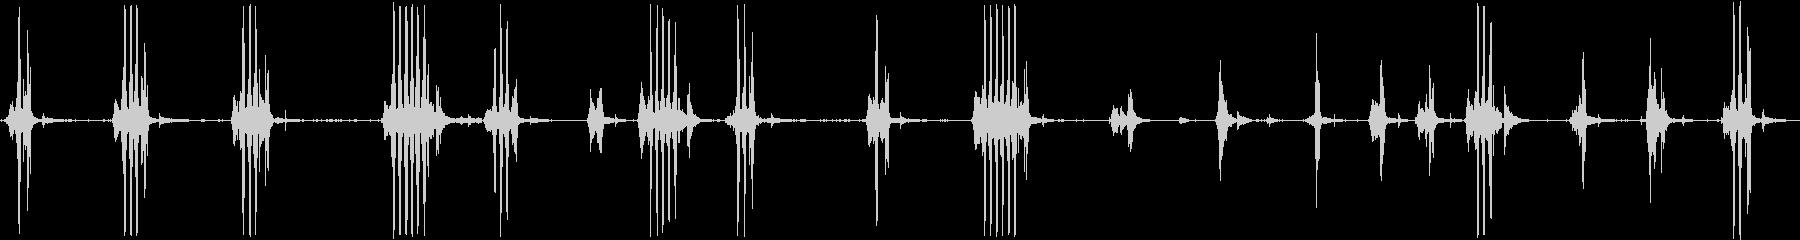 コンプレッサーヒスオンの未再生の波形